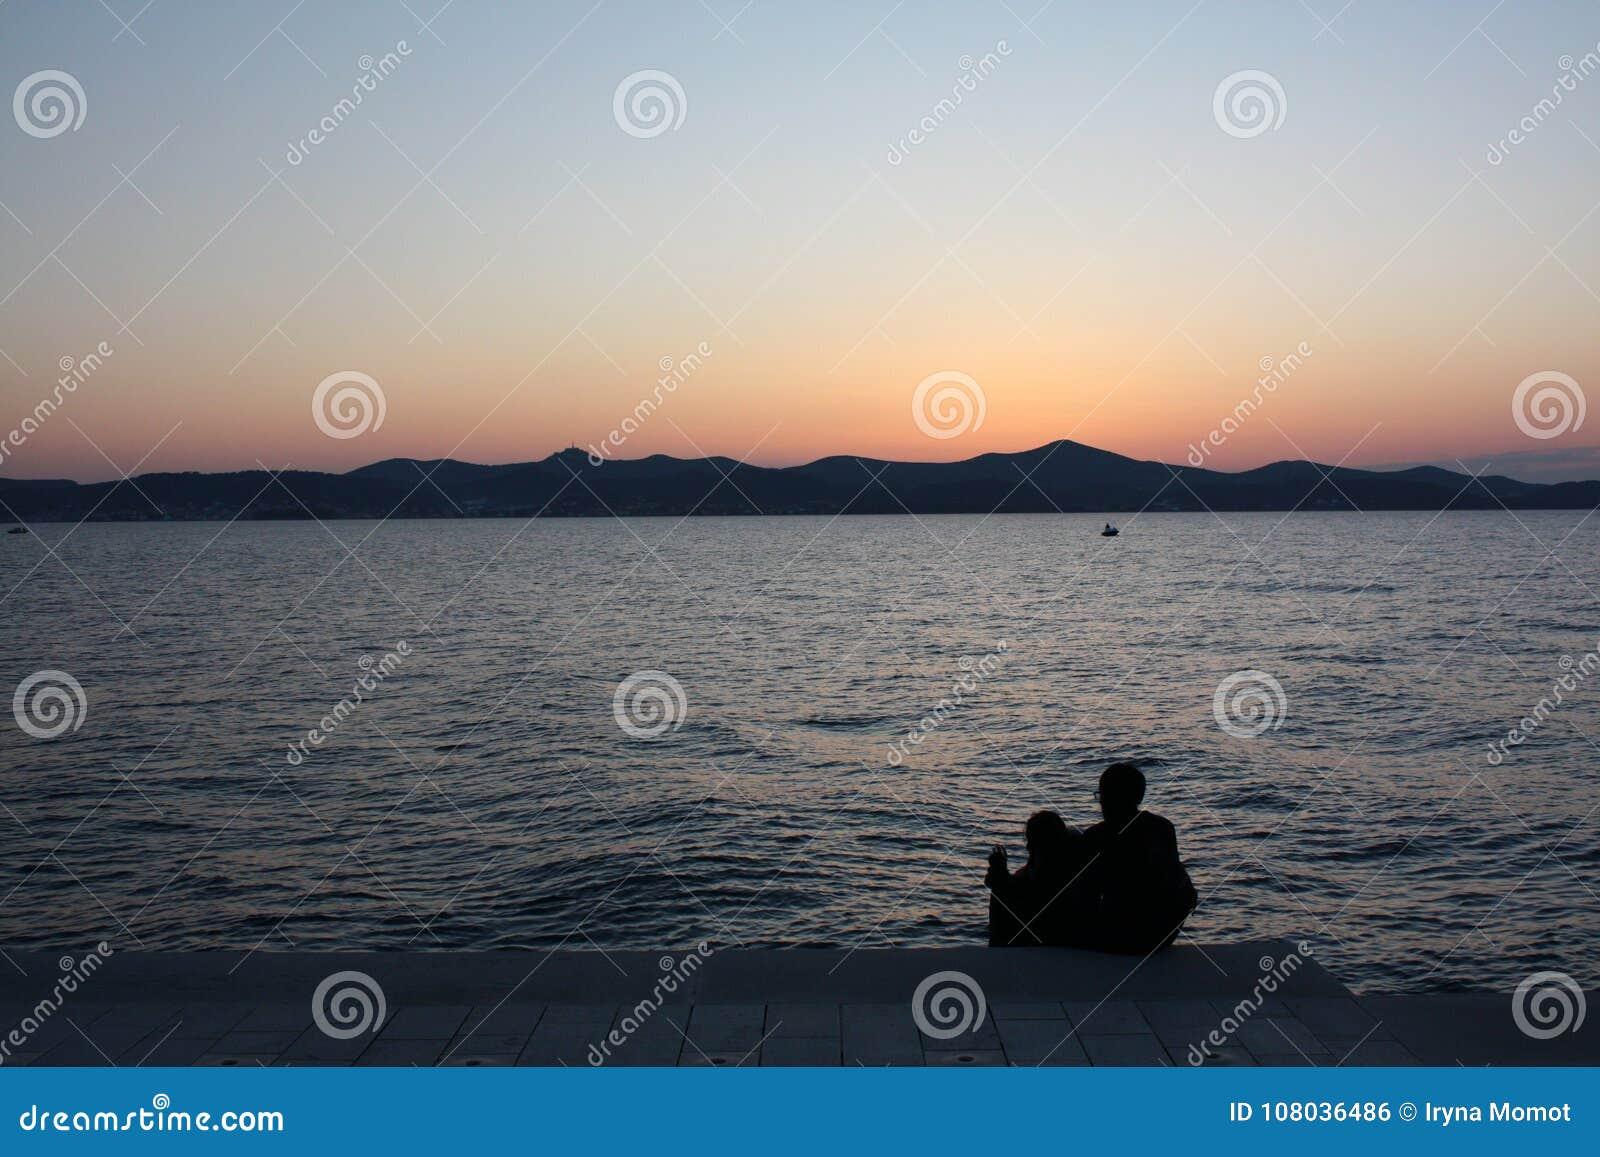 Zonsondergang op de zeekust